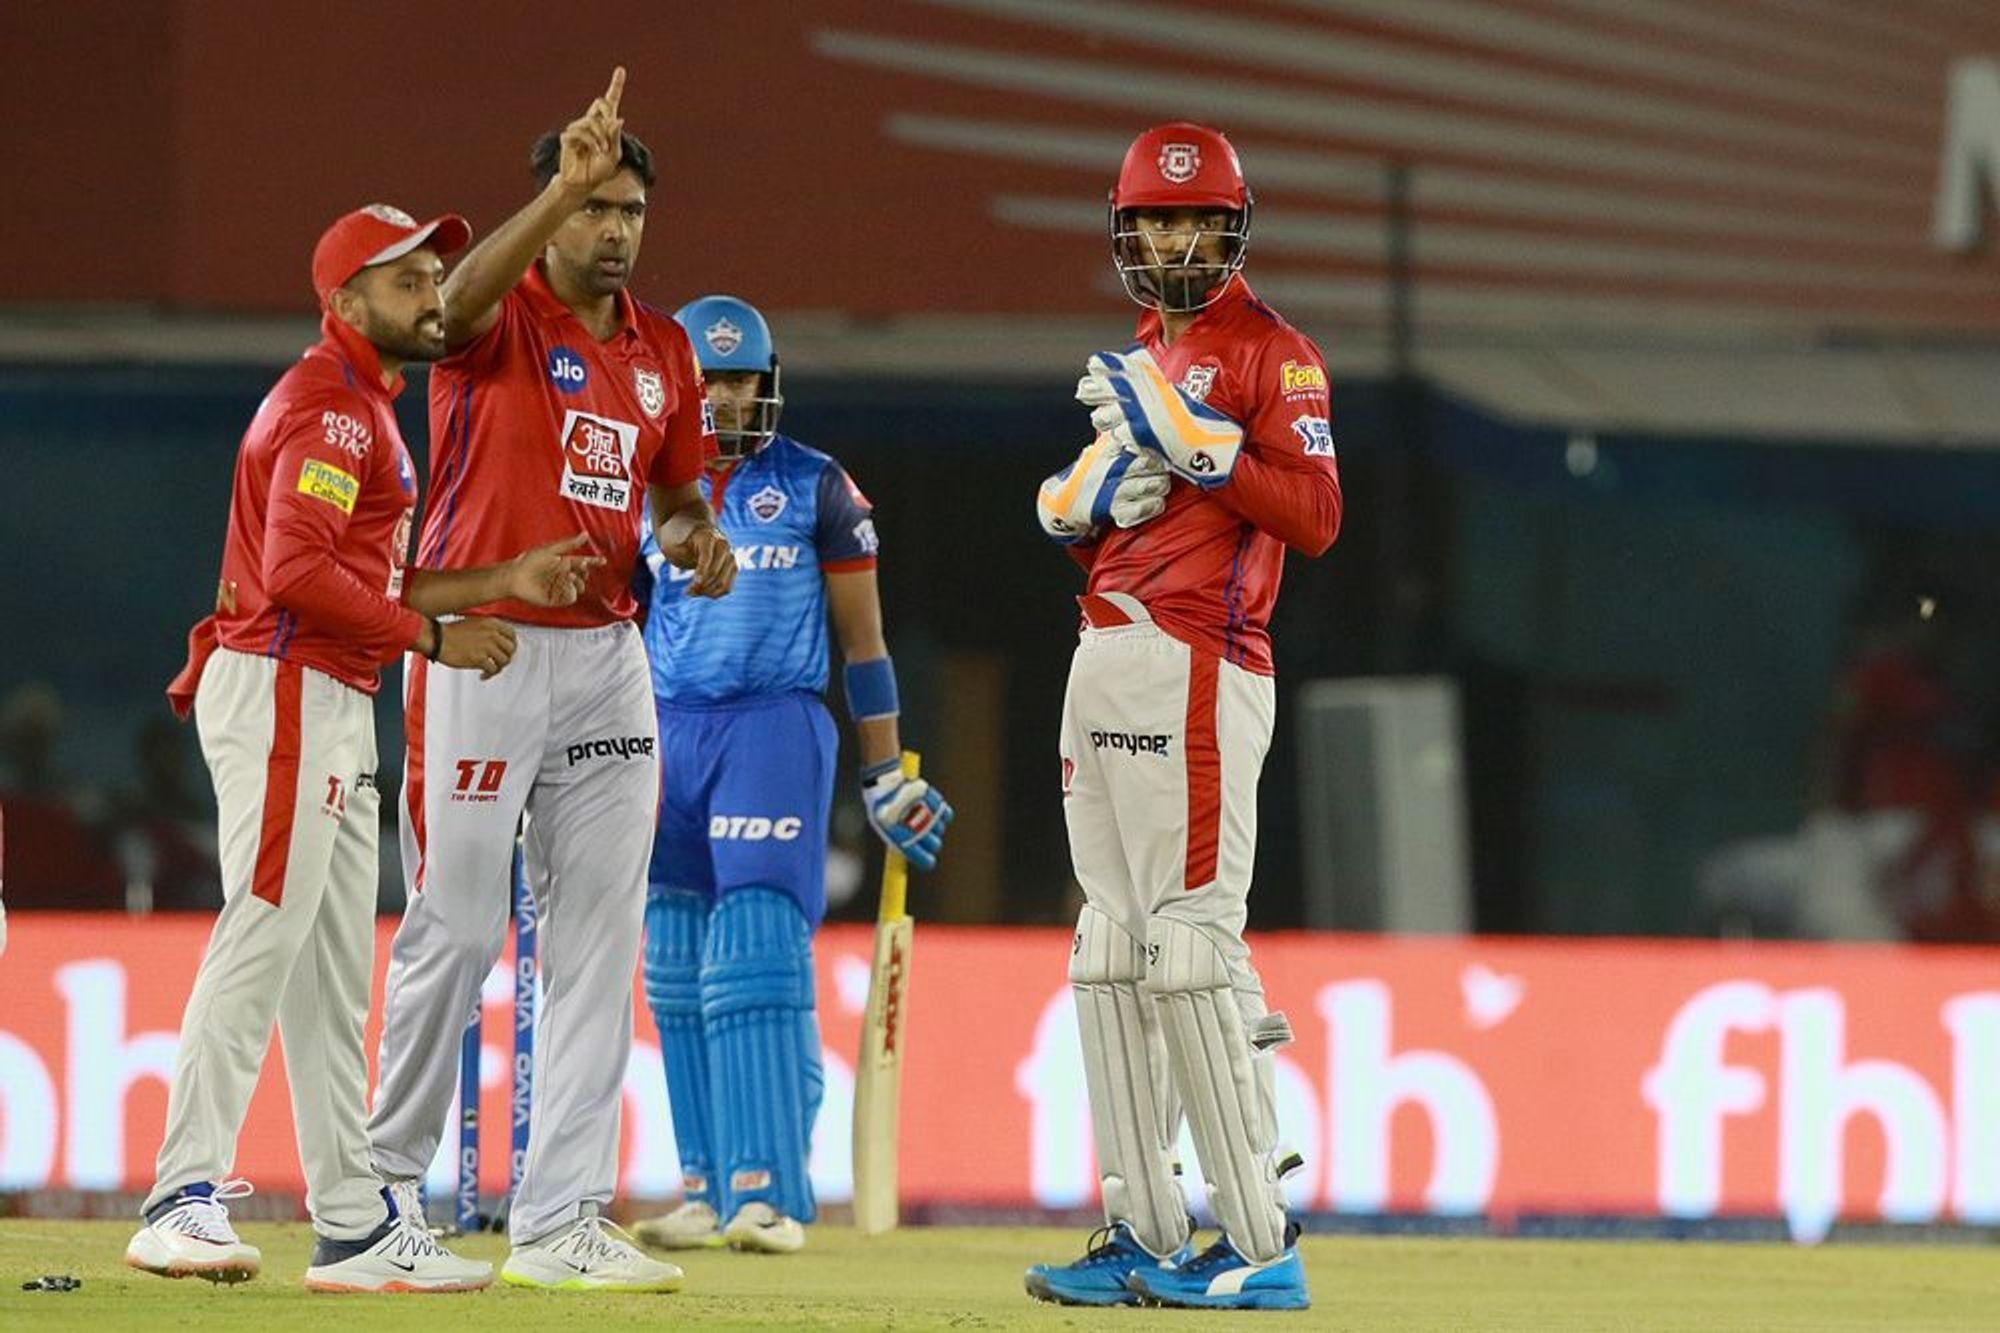 KXIPvsDC : STATS : मैच में बने 9 रिकॉर्ड, पंजाब की टीम ने बनाये कई विश्व रिकॉर्ड 1